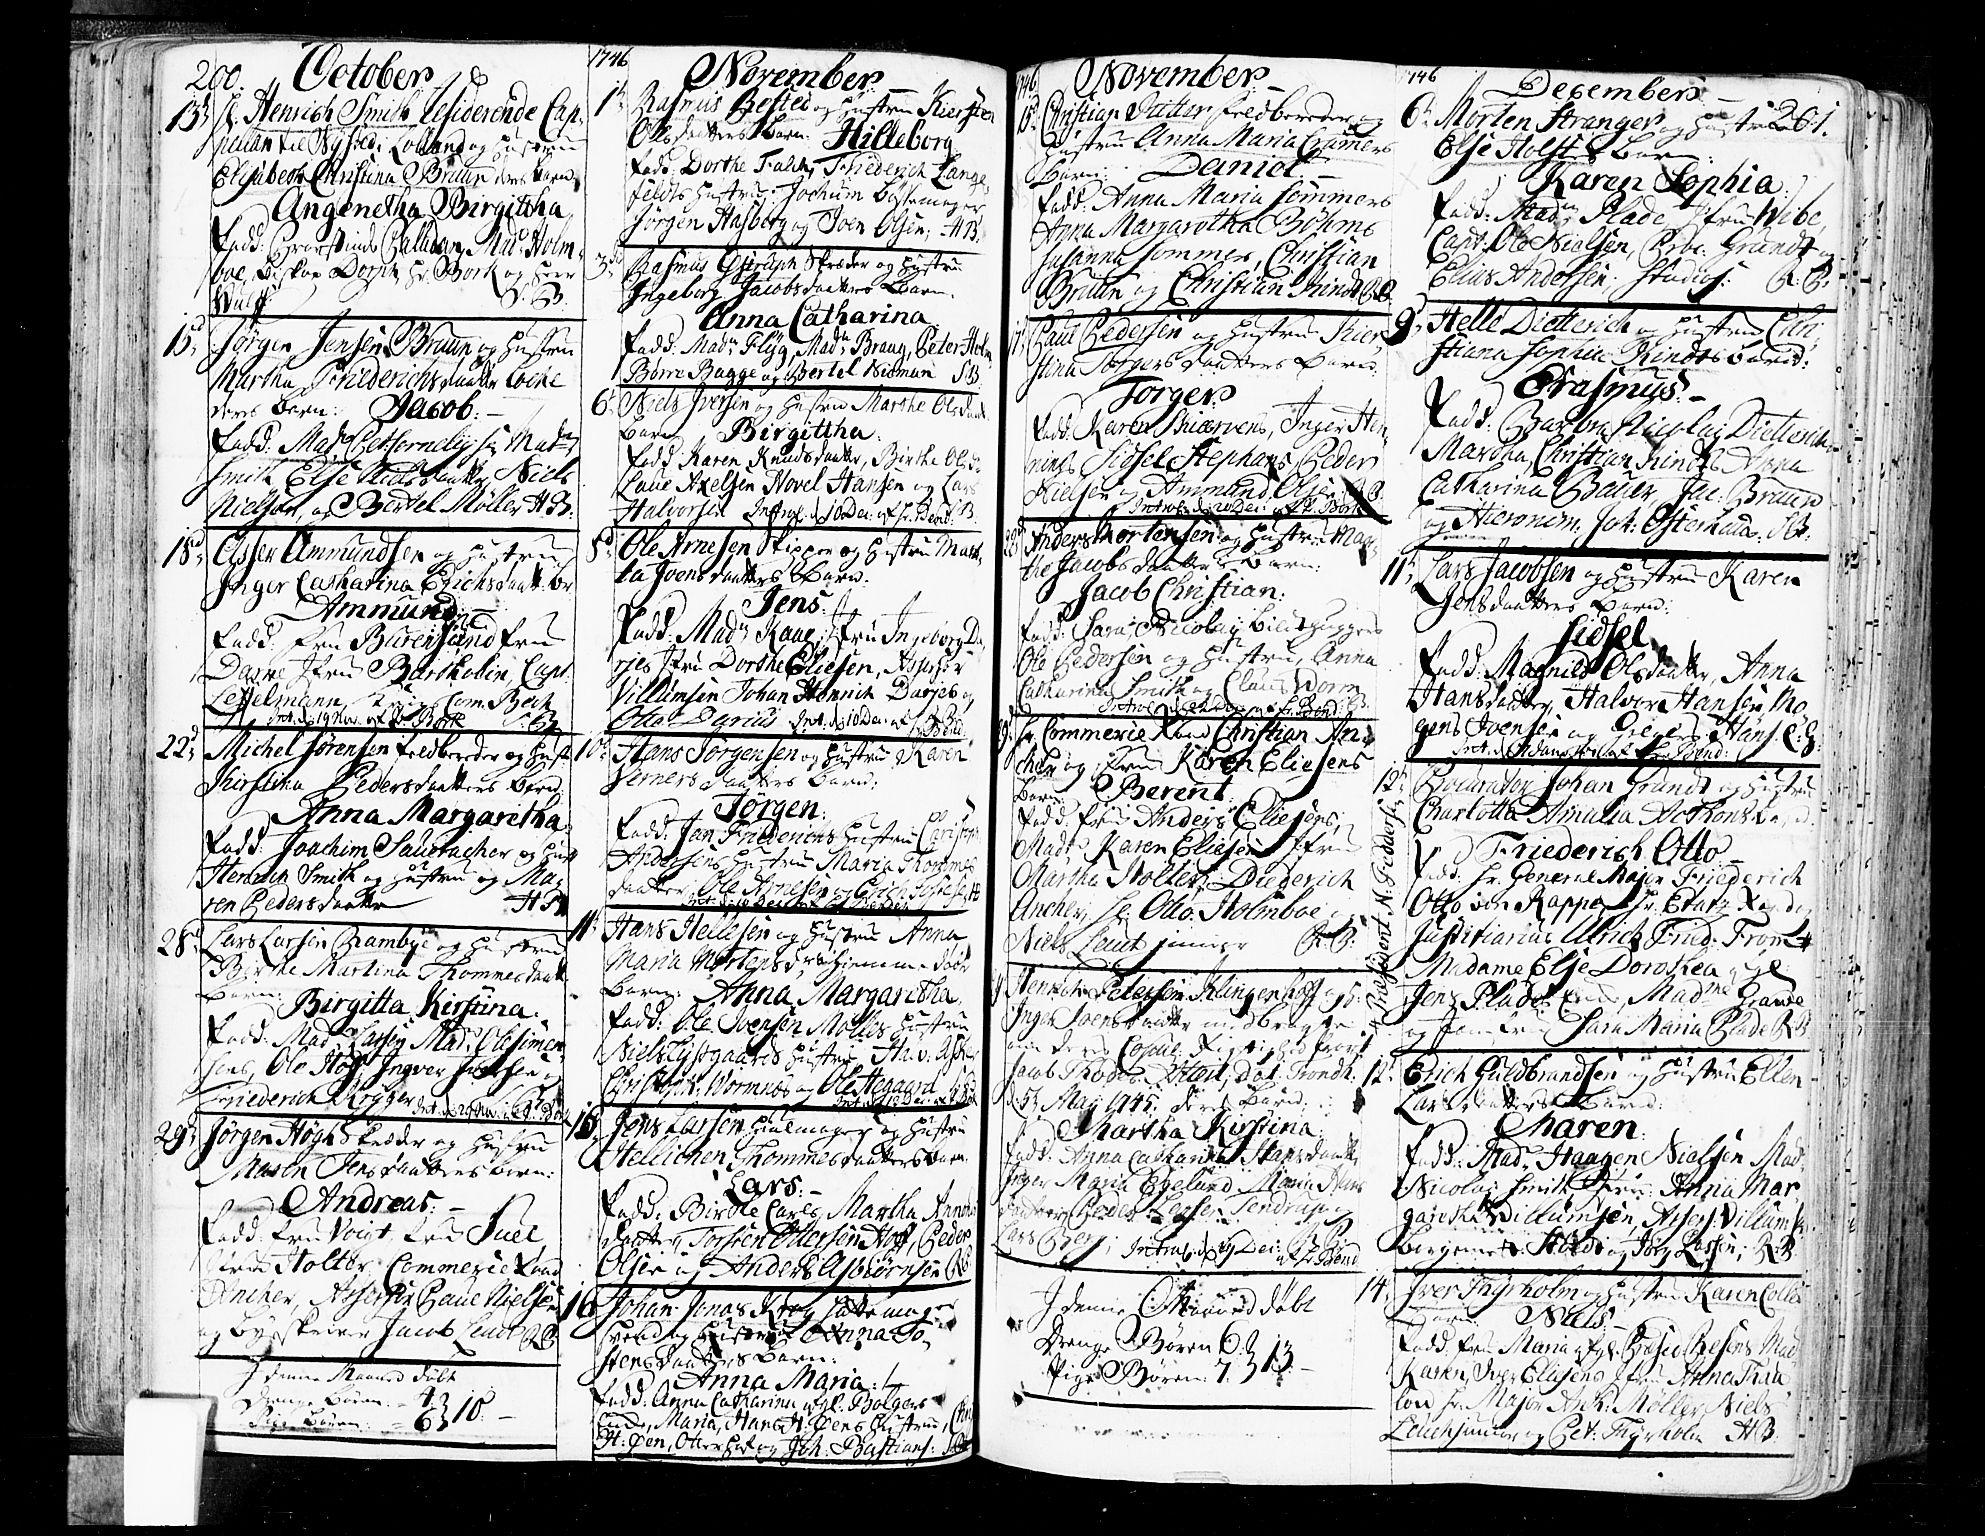 SAO, Oslo domkirke Kirkebøker, F/Fa/L0004: Ministerialbok nr. 4, 1743-1786, s. 200-201